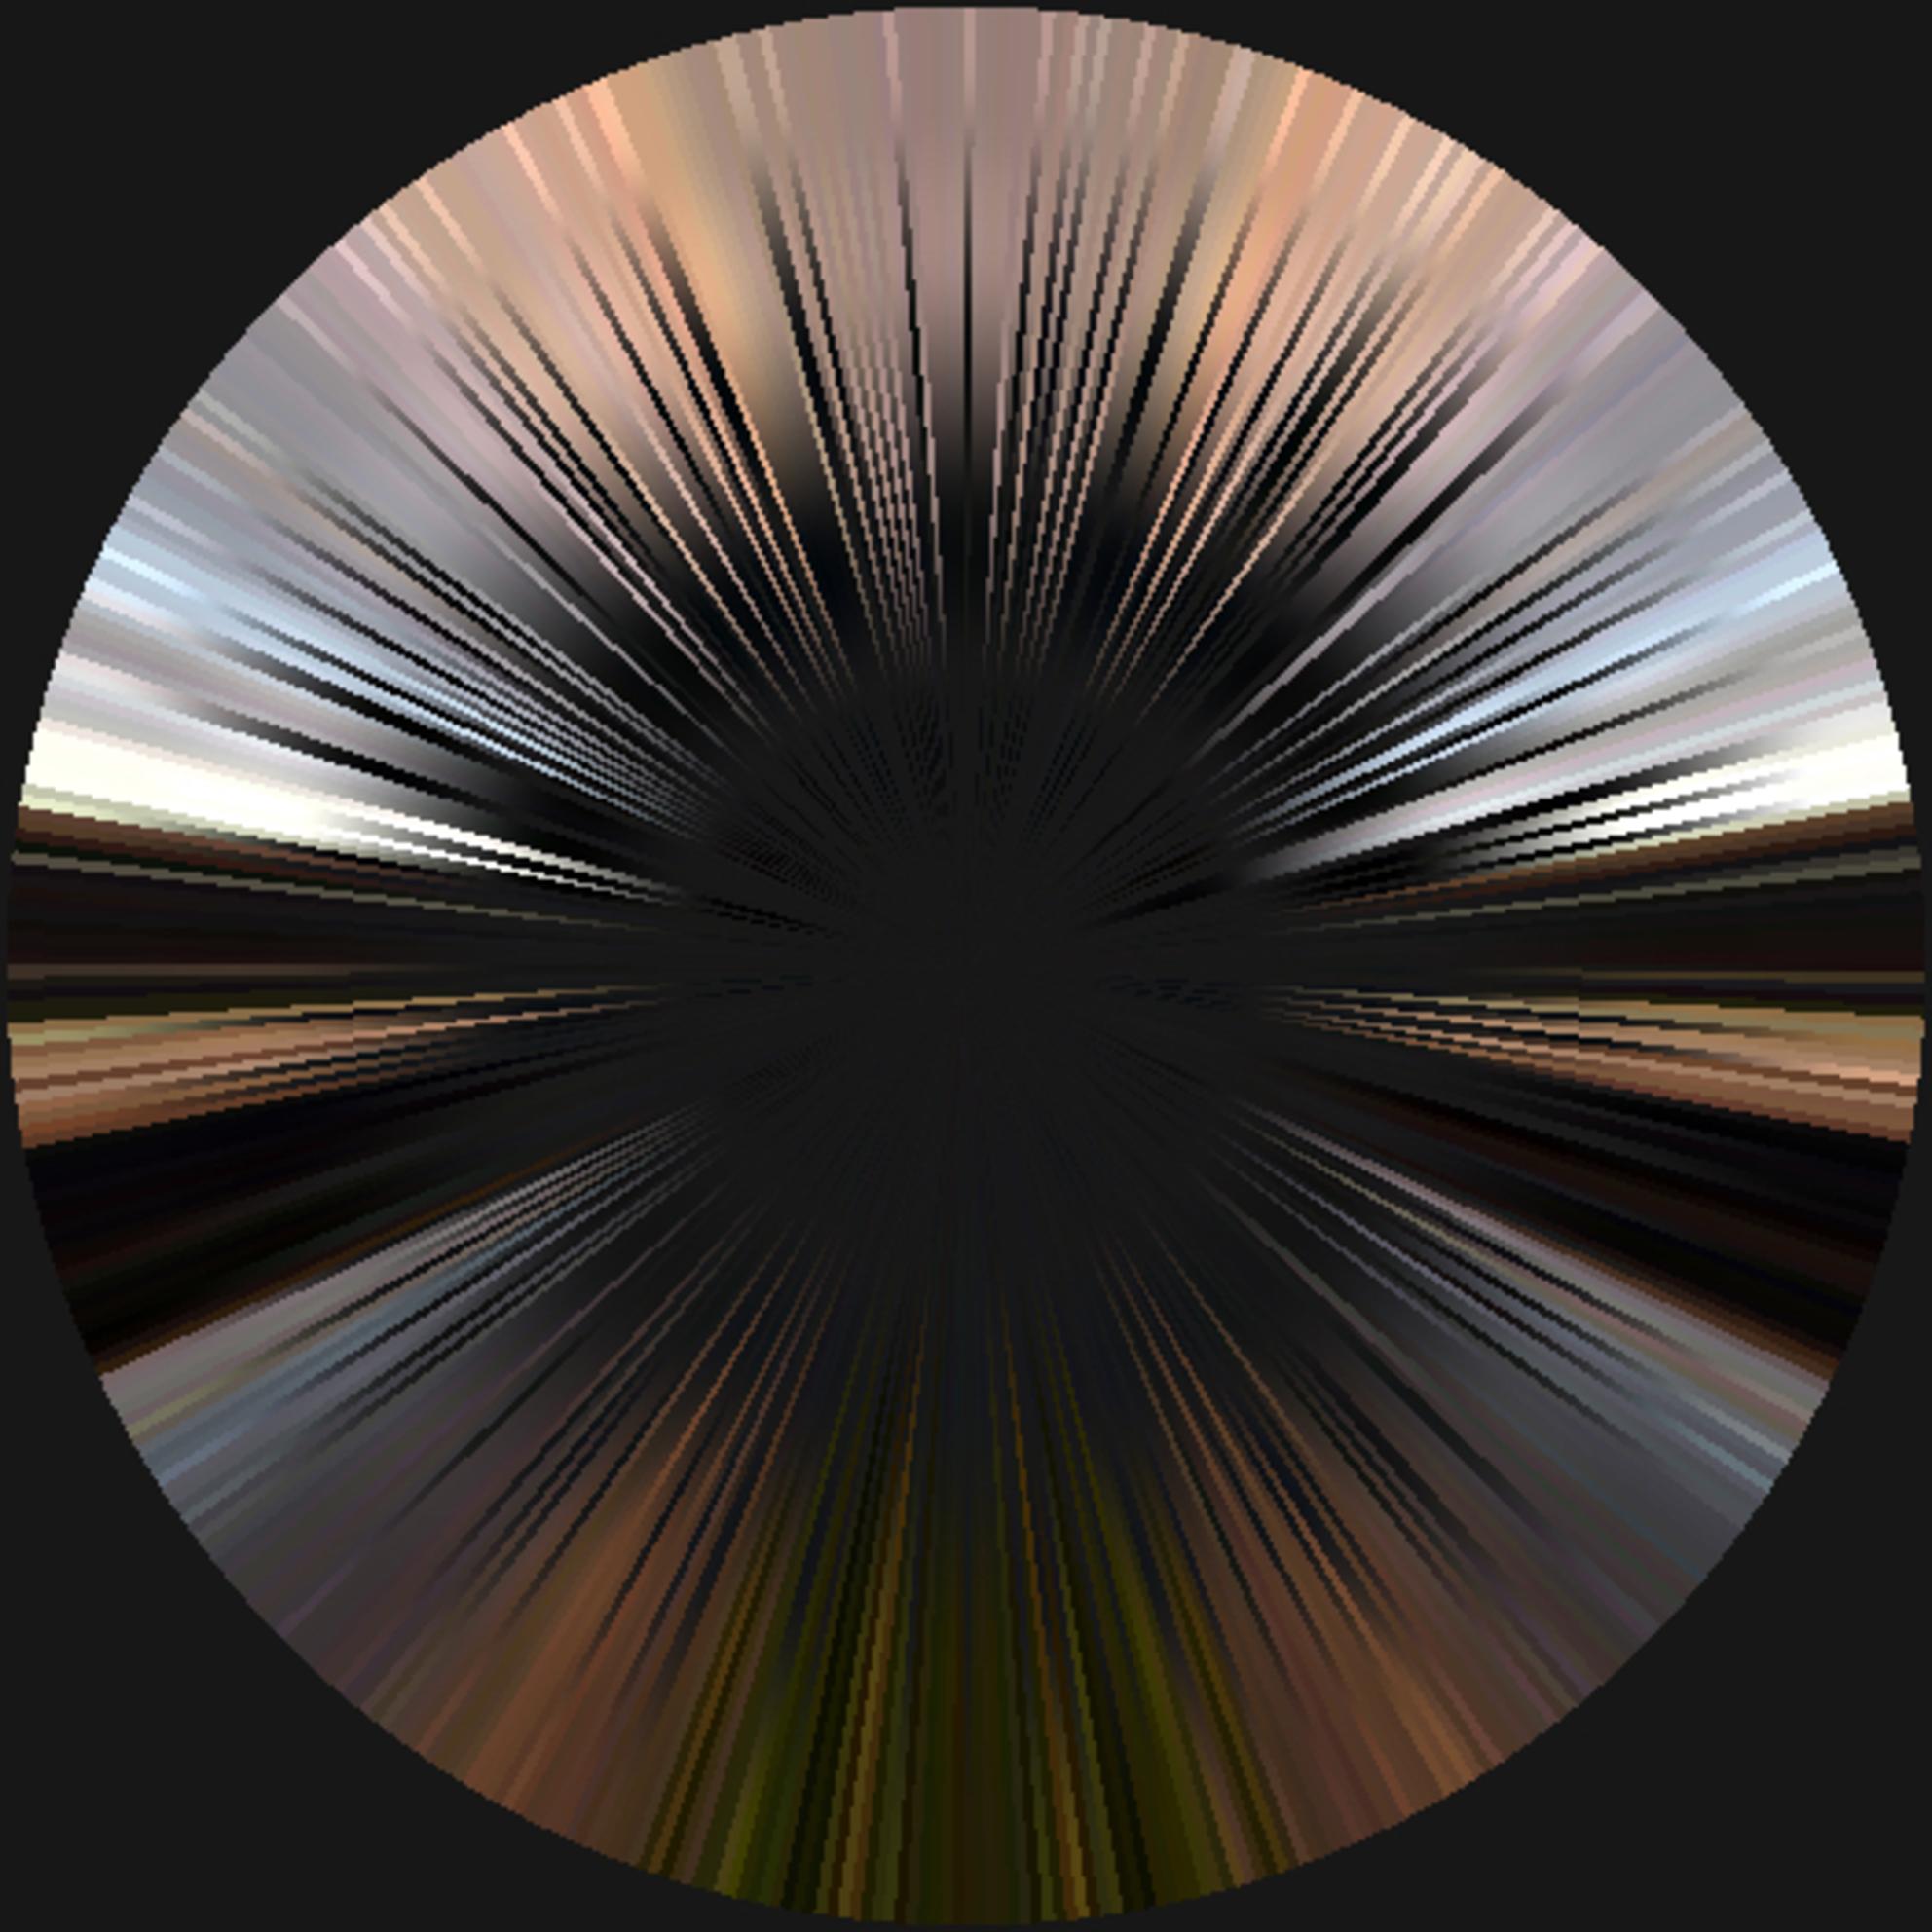 scherpe horizon - Even GROOT zien - foto door Gooiseroos op 27-11-2017 - deze foto bevat: abstract, licht, structuur, zwart, bewerkt, fantasie, landschap, kunst, bewerking, sfeer, contrast, horizon, creatief, bewerkingsuitdaging - Deze foto mag gebruikt worden in een Zoom.nl publicatie